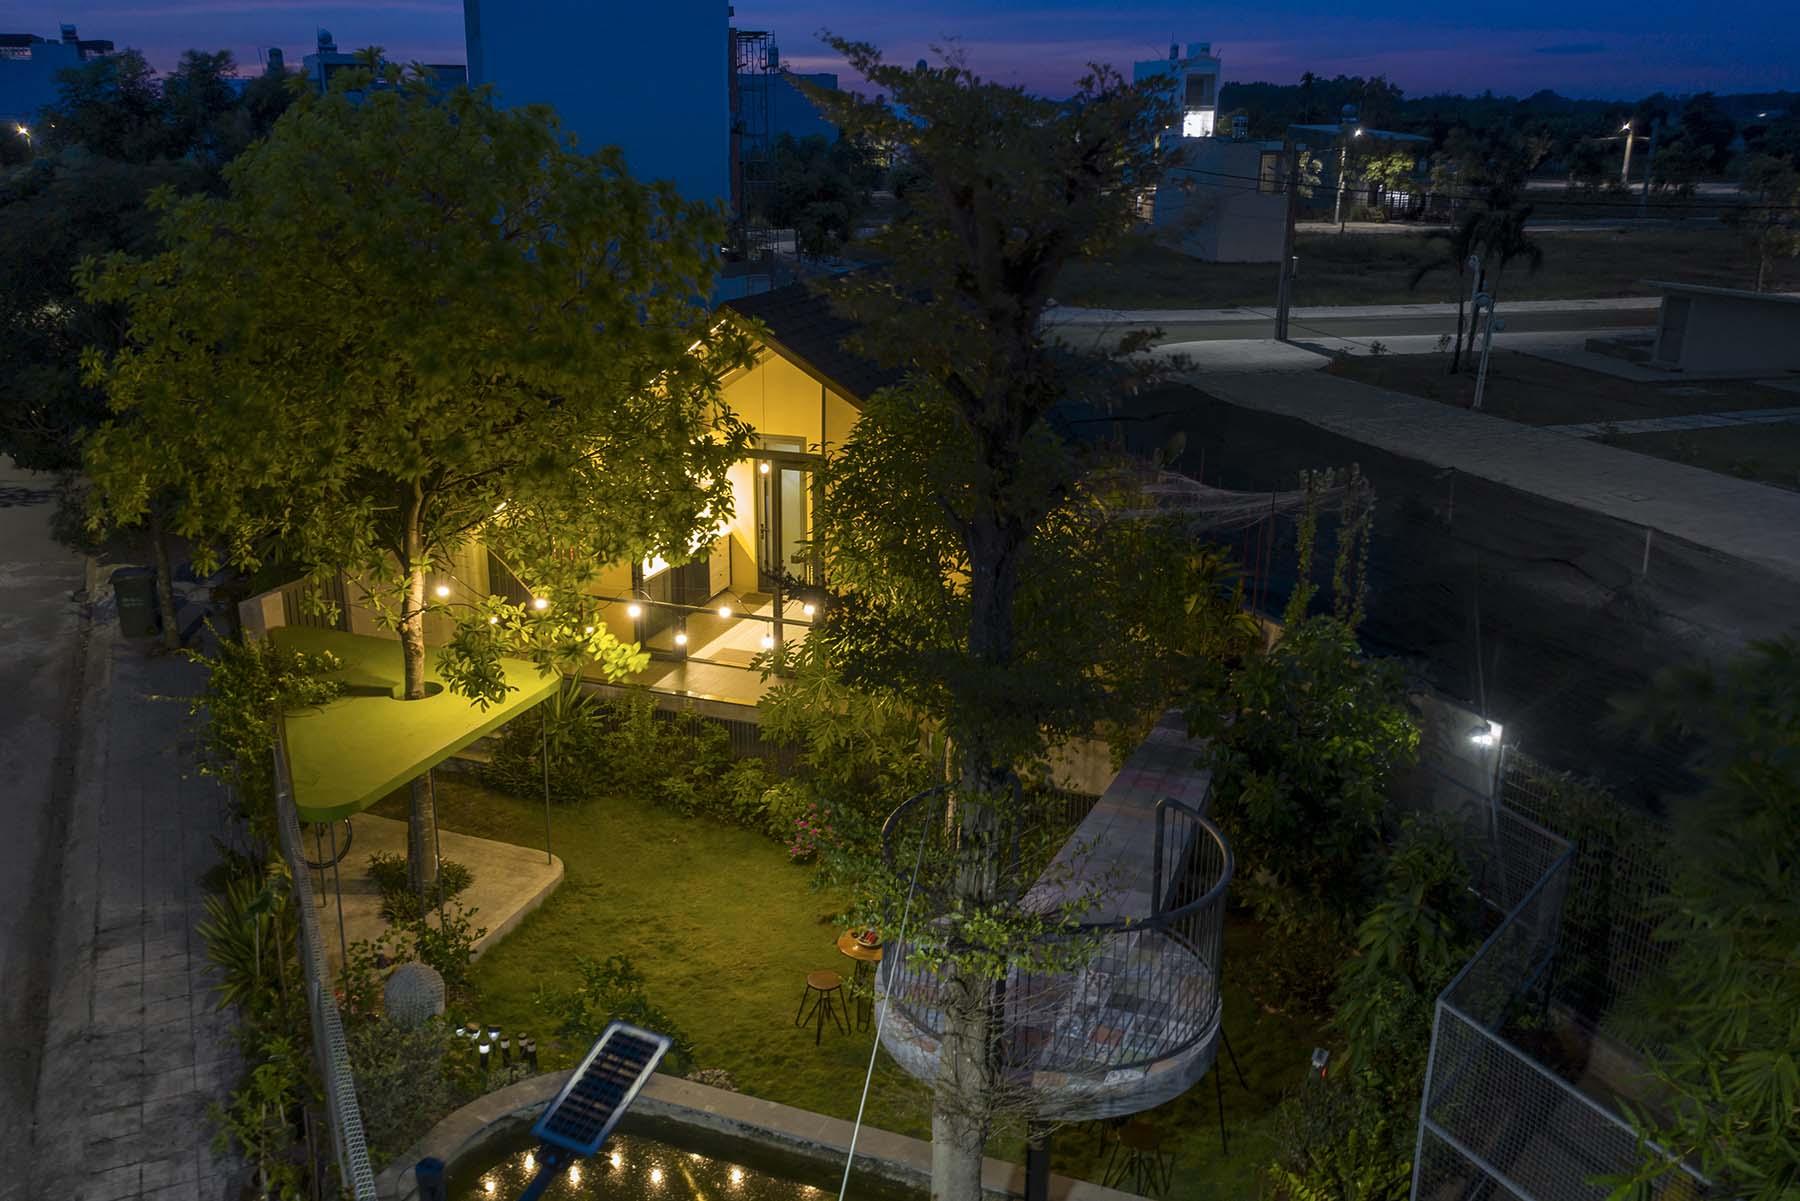 Căn nhà lúc lên đèn. Tổng chi phí hoàn thiện công trình (bao gồm cả sân vườn) là 780 triệu đồng.